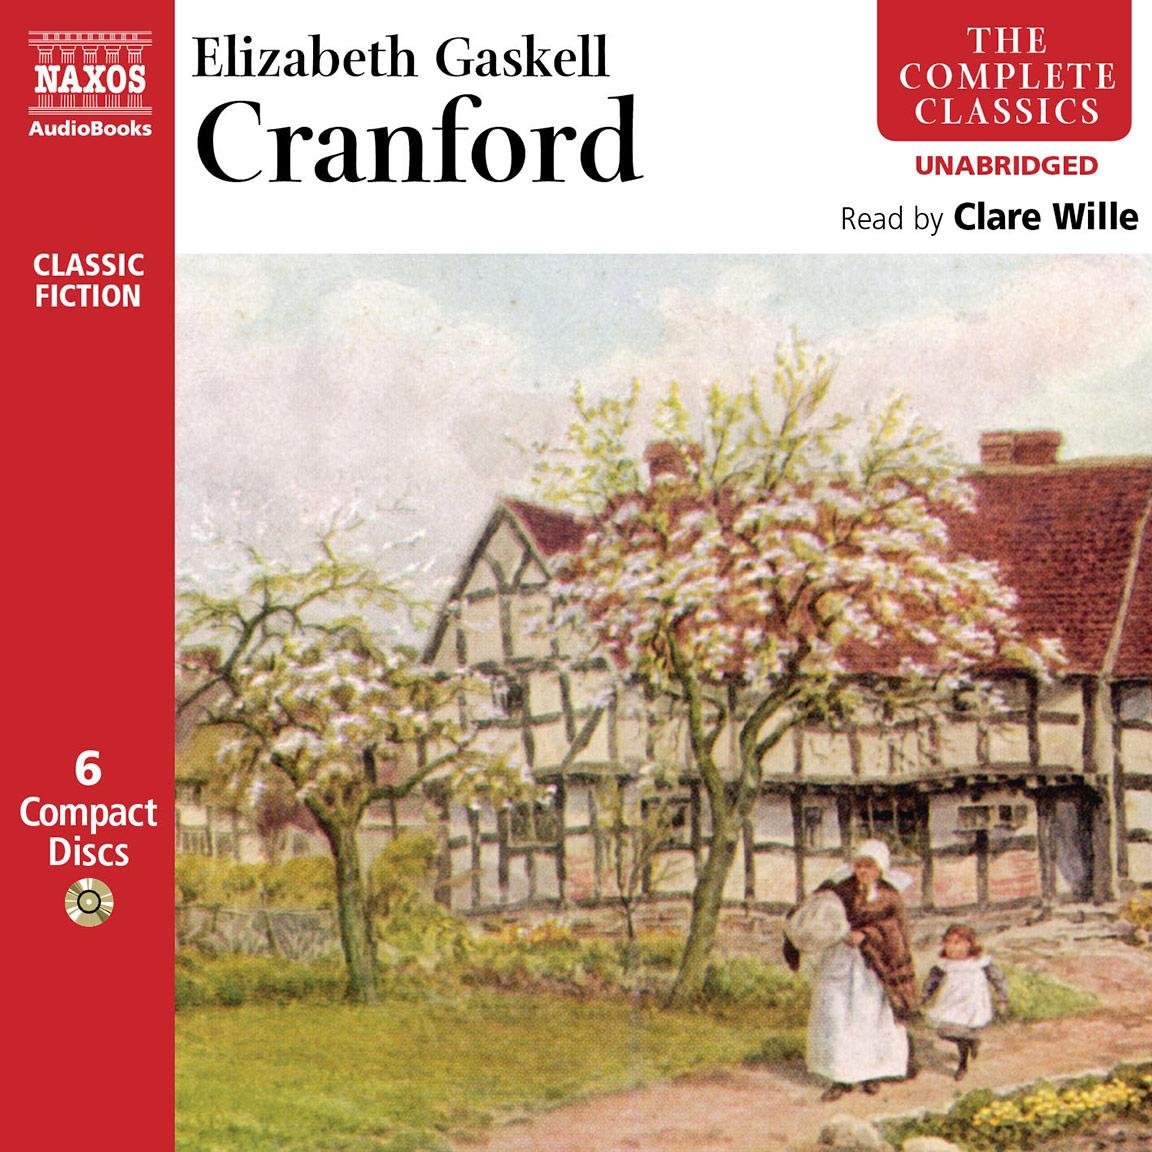 Cranford (unabridged)